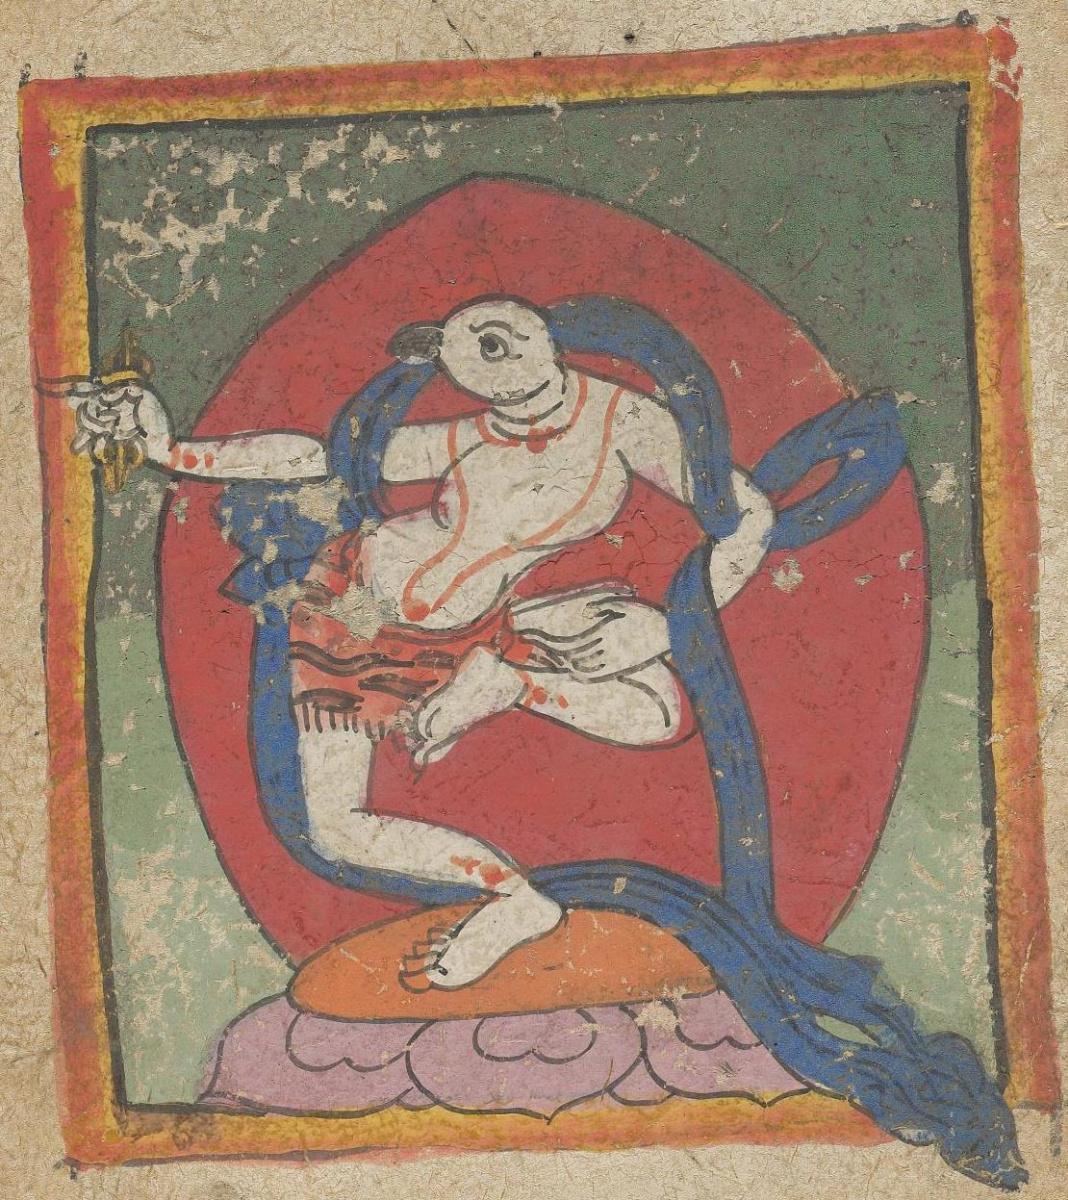 Unknown artist. The deity of the Tibetan Bon religion. Map 45